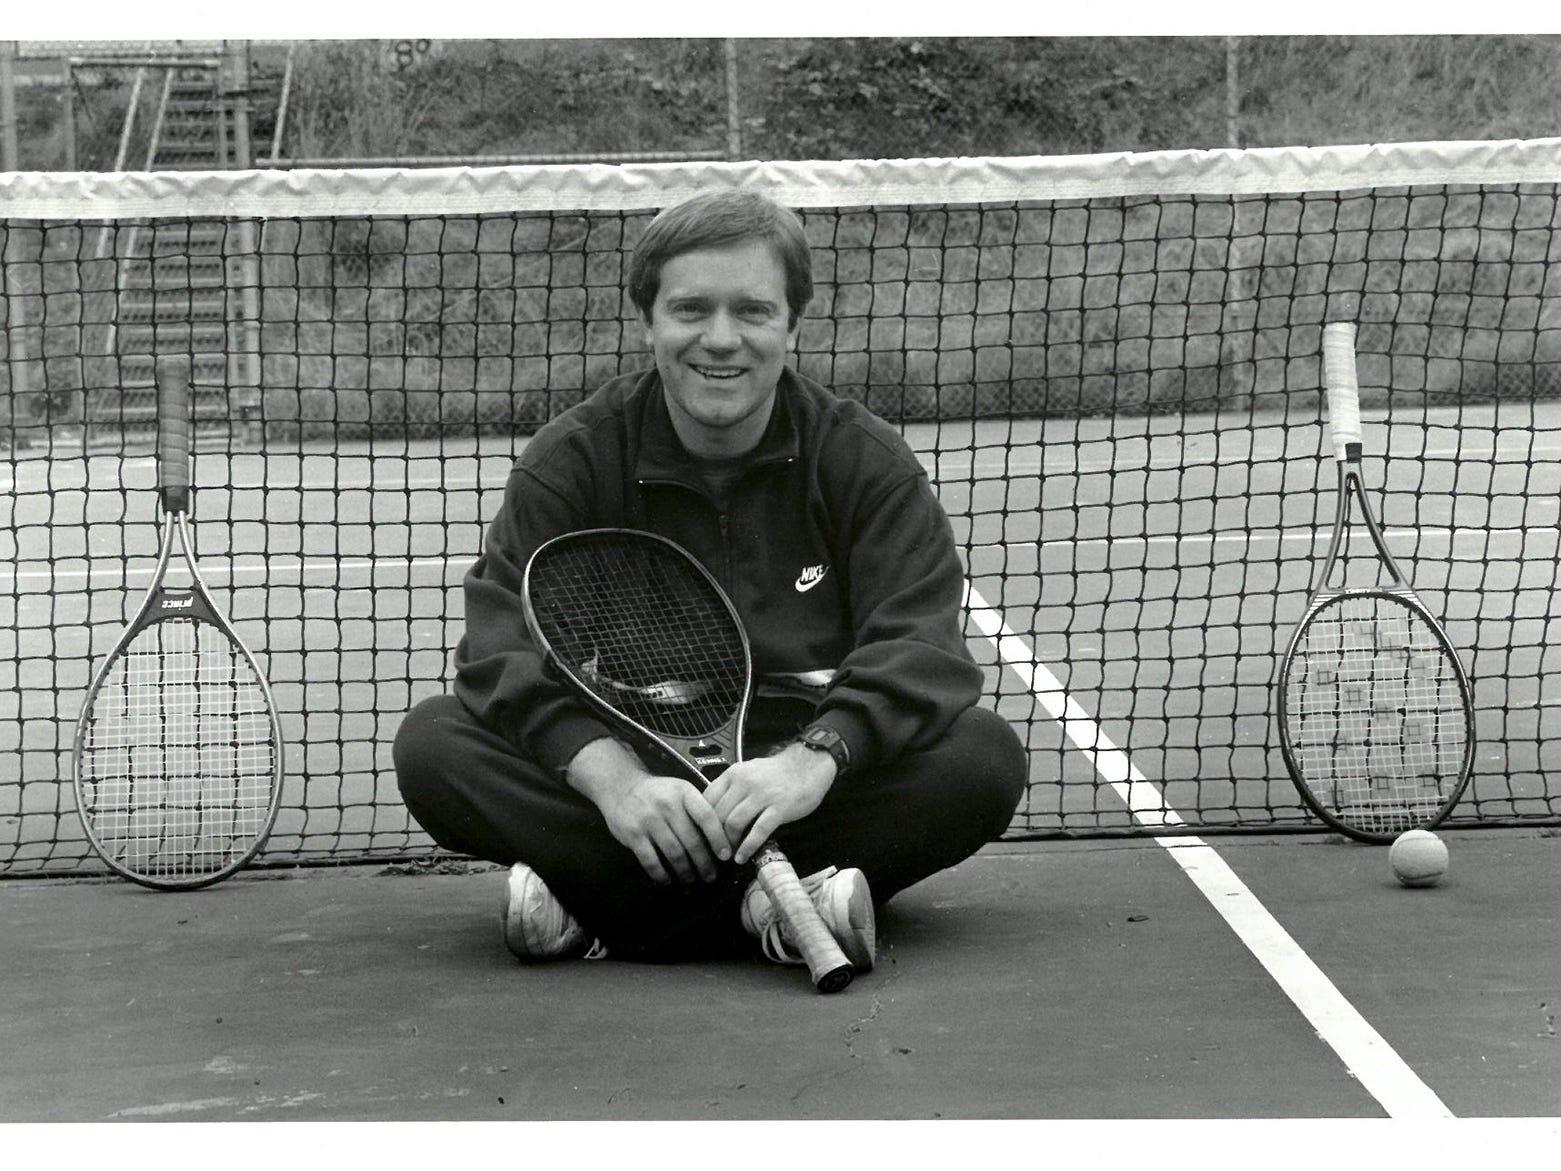 10/13/88BI Tennis Coach